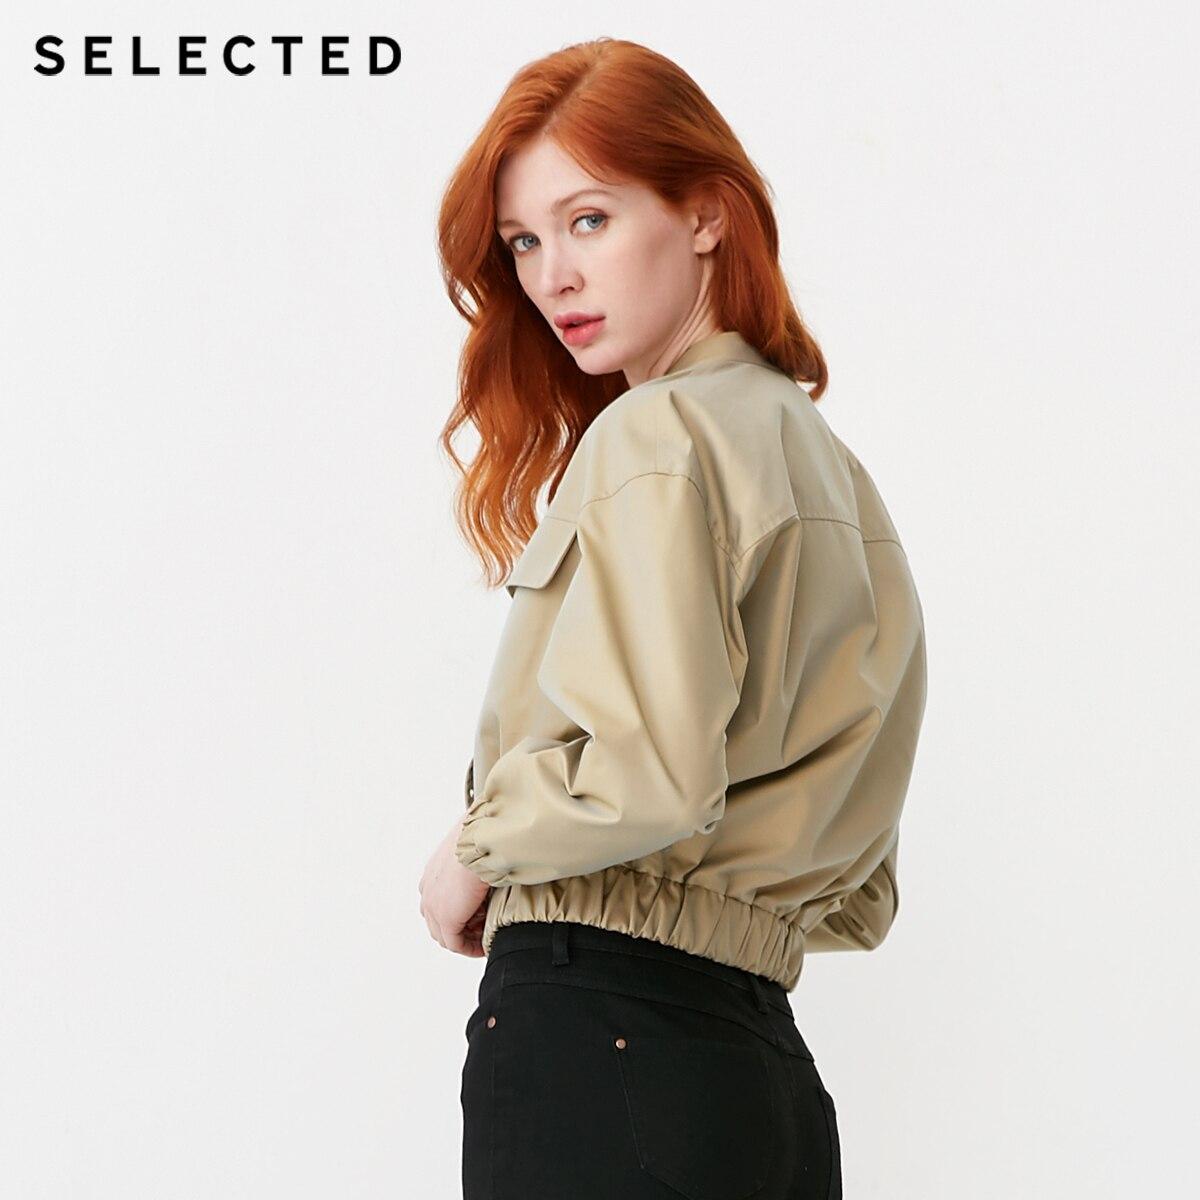 เลือกผ้าฝ้าย rich Stand up Collar เสื้อแขนยาว S  419121511-ใน โค้ทยาว จาก เสื้อผ้าสตรี บน   3